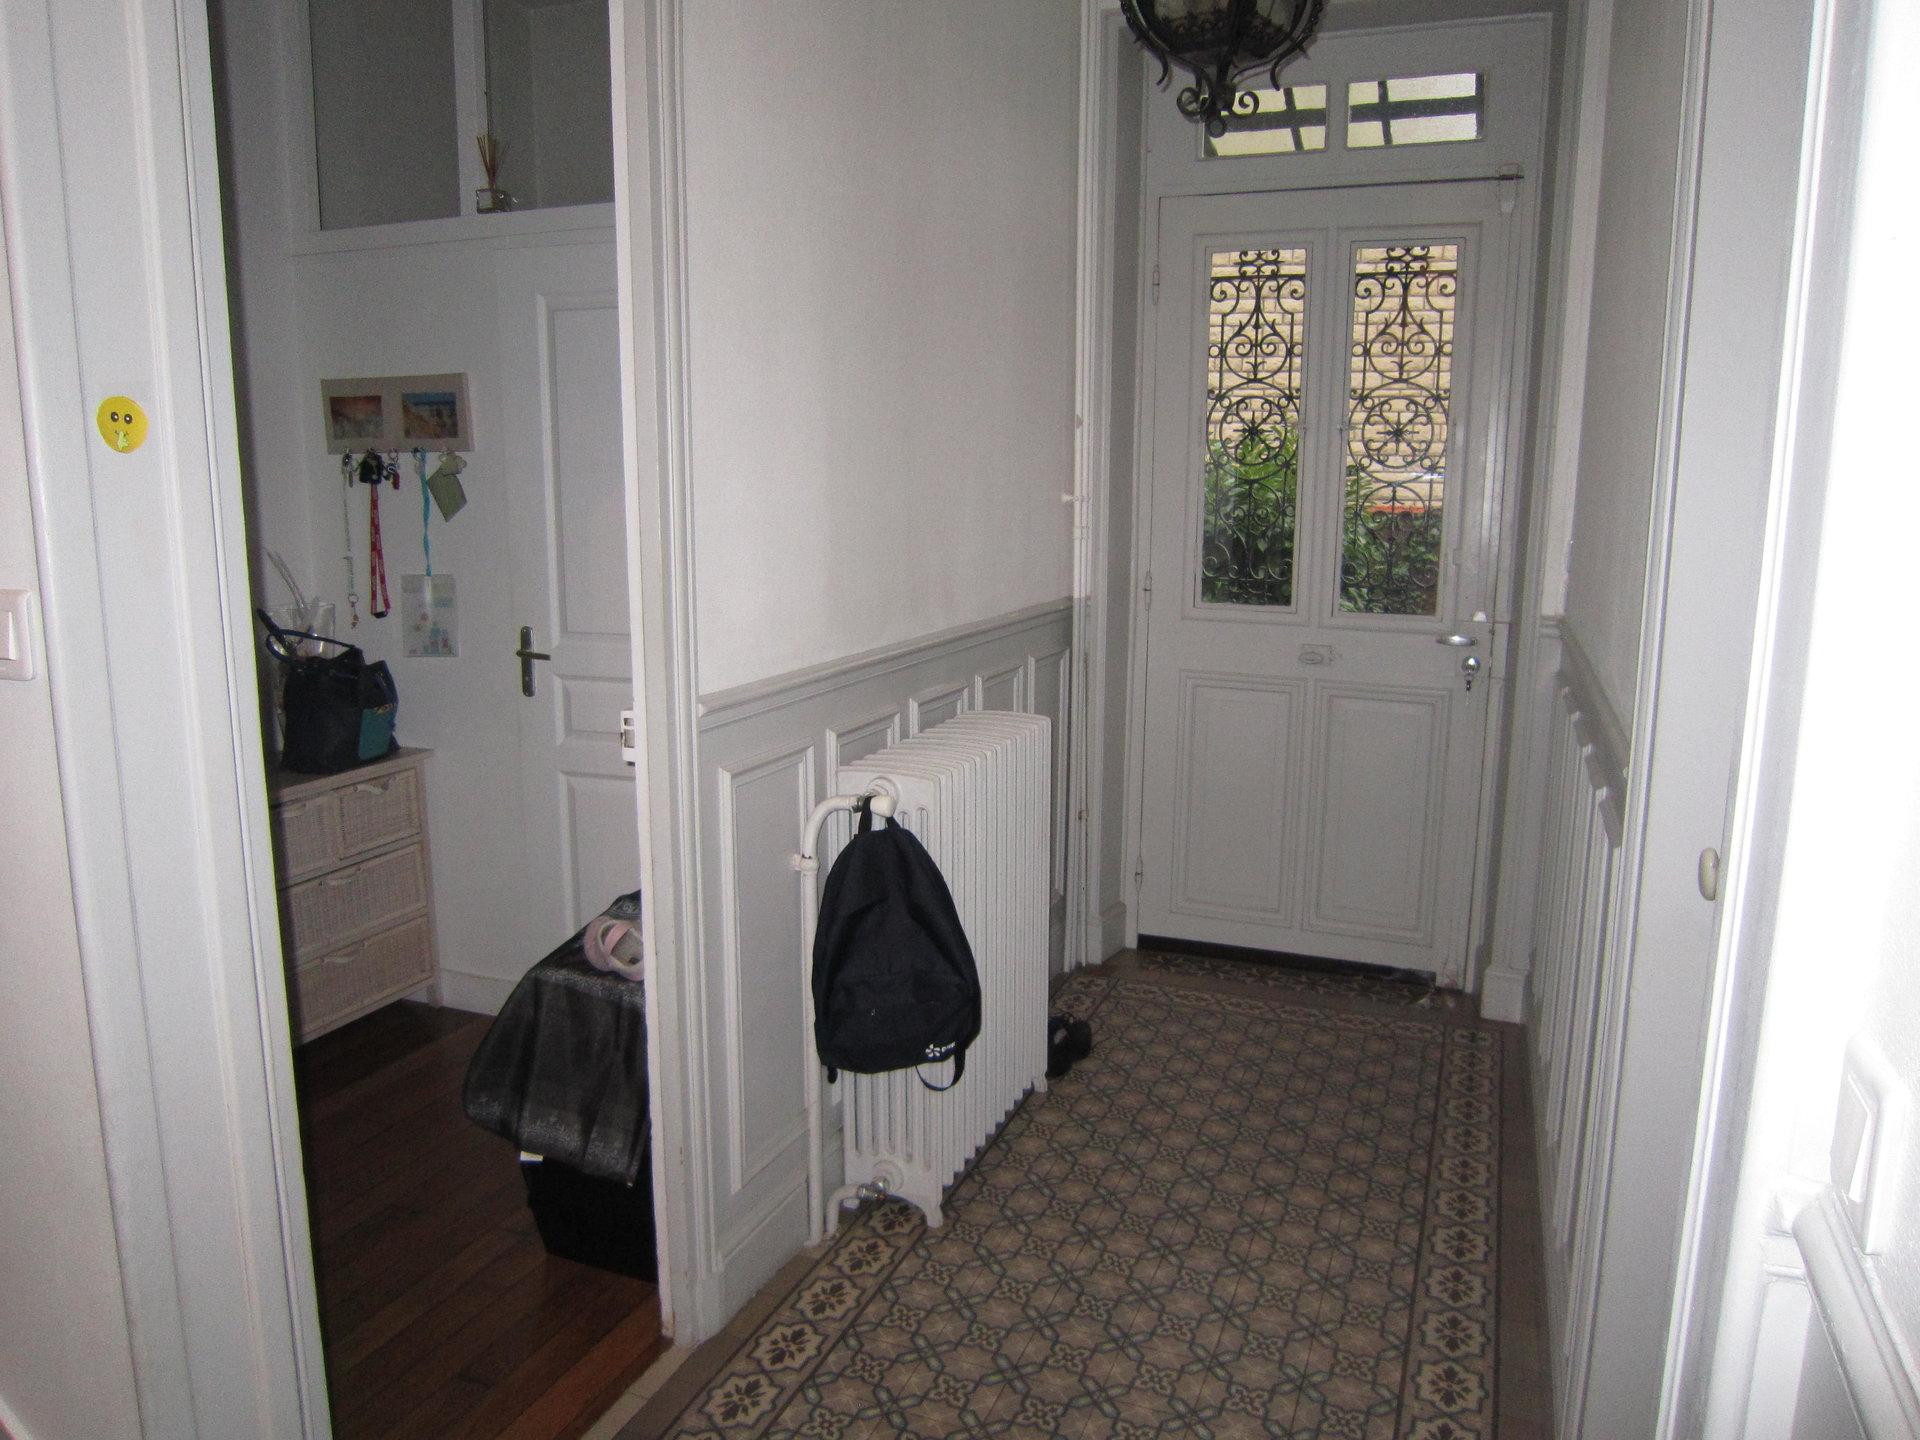 Promesse de vente signée. Bas de Chatou, maison ancienne à 11 min à pied du RER.